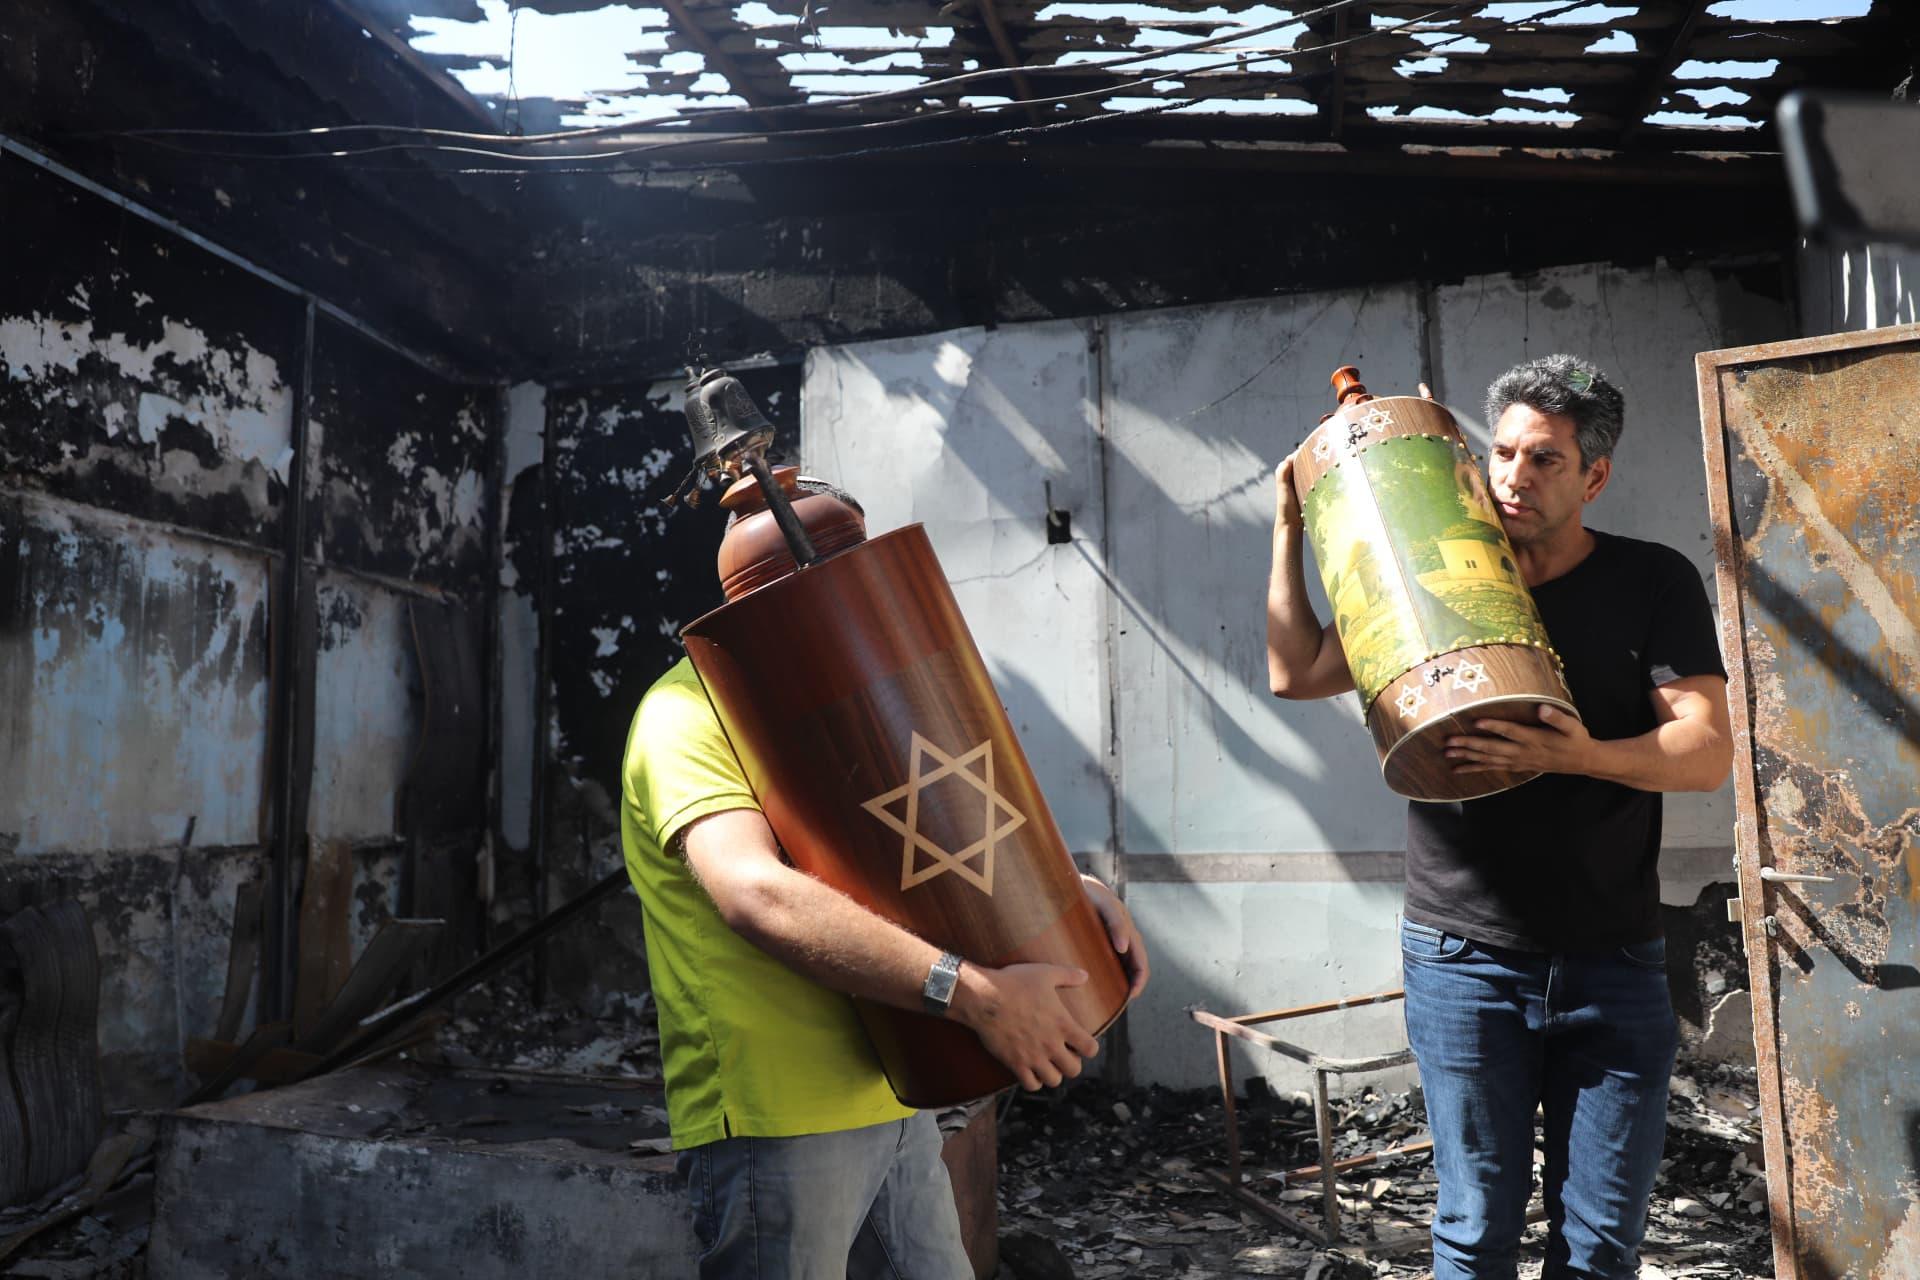 יהודים מוציאים ספרי תורה מפוייחים מבית כנסת שהוצת בלוד על ידי ערבים, ב-12 במאי 2021 (צילום: יונתן זינדל/פלאש90)